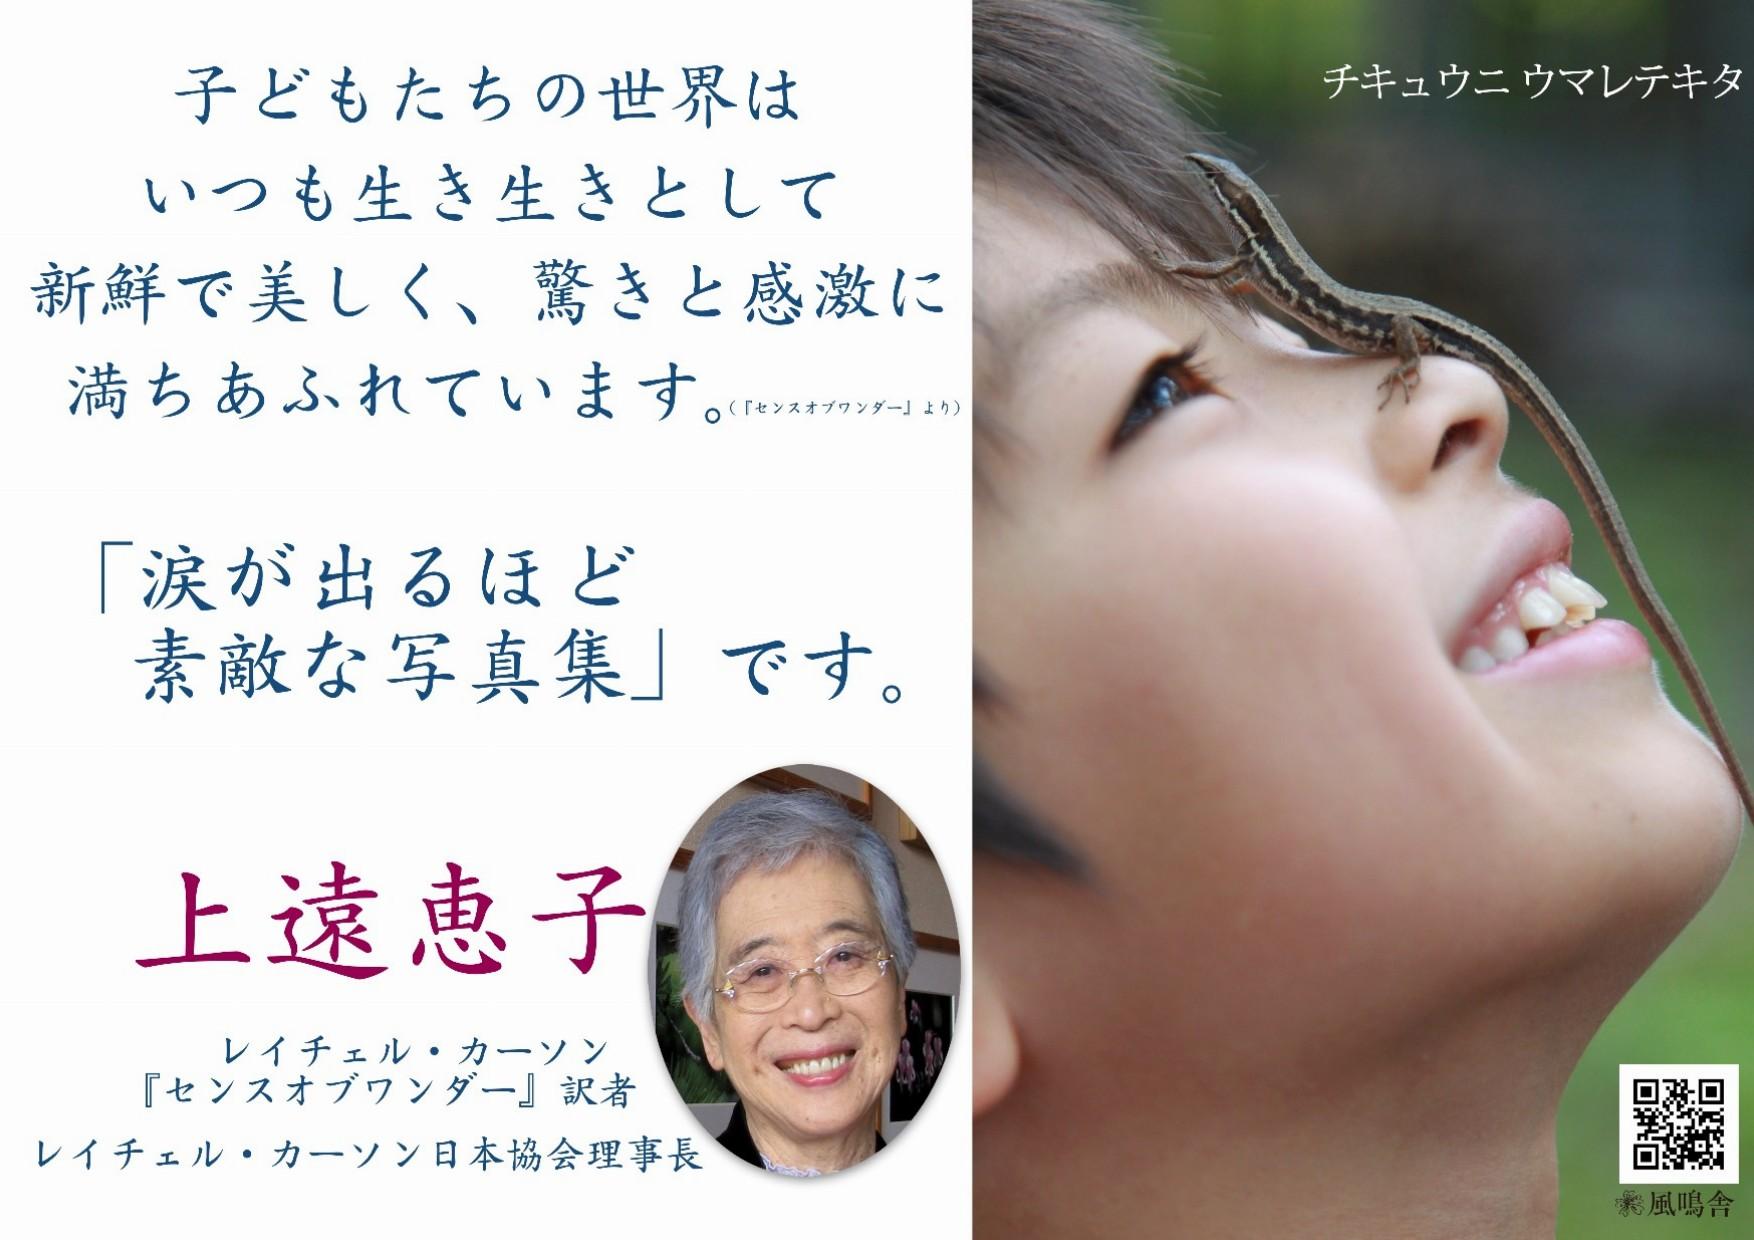 チキュウ二ウマレテキタ_推薦文1pop